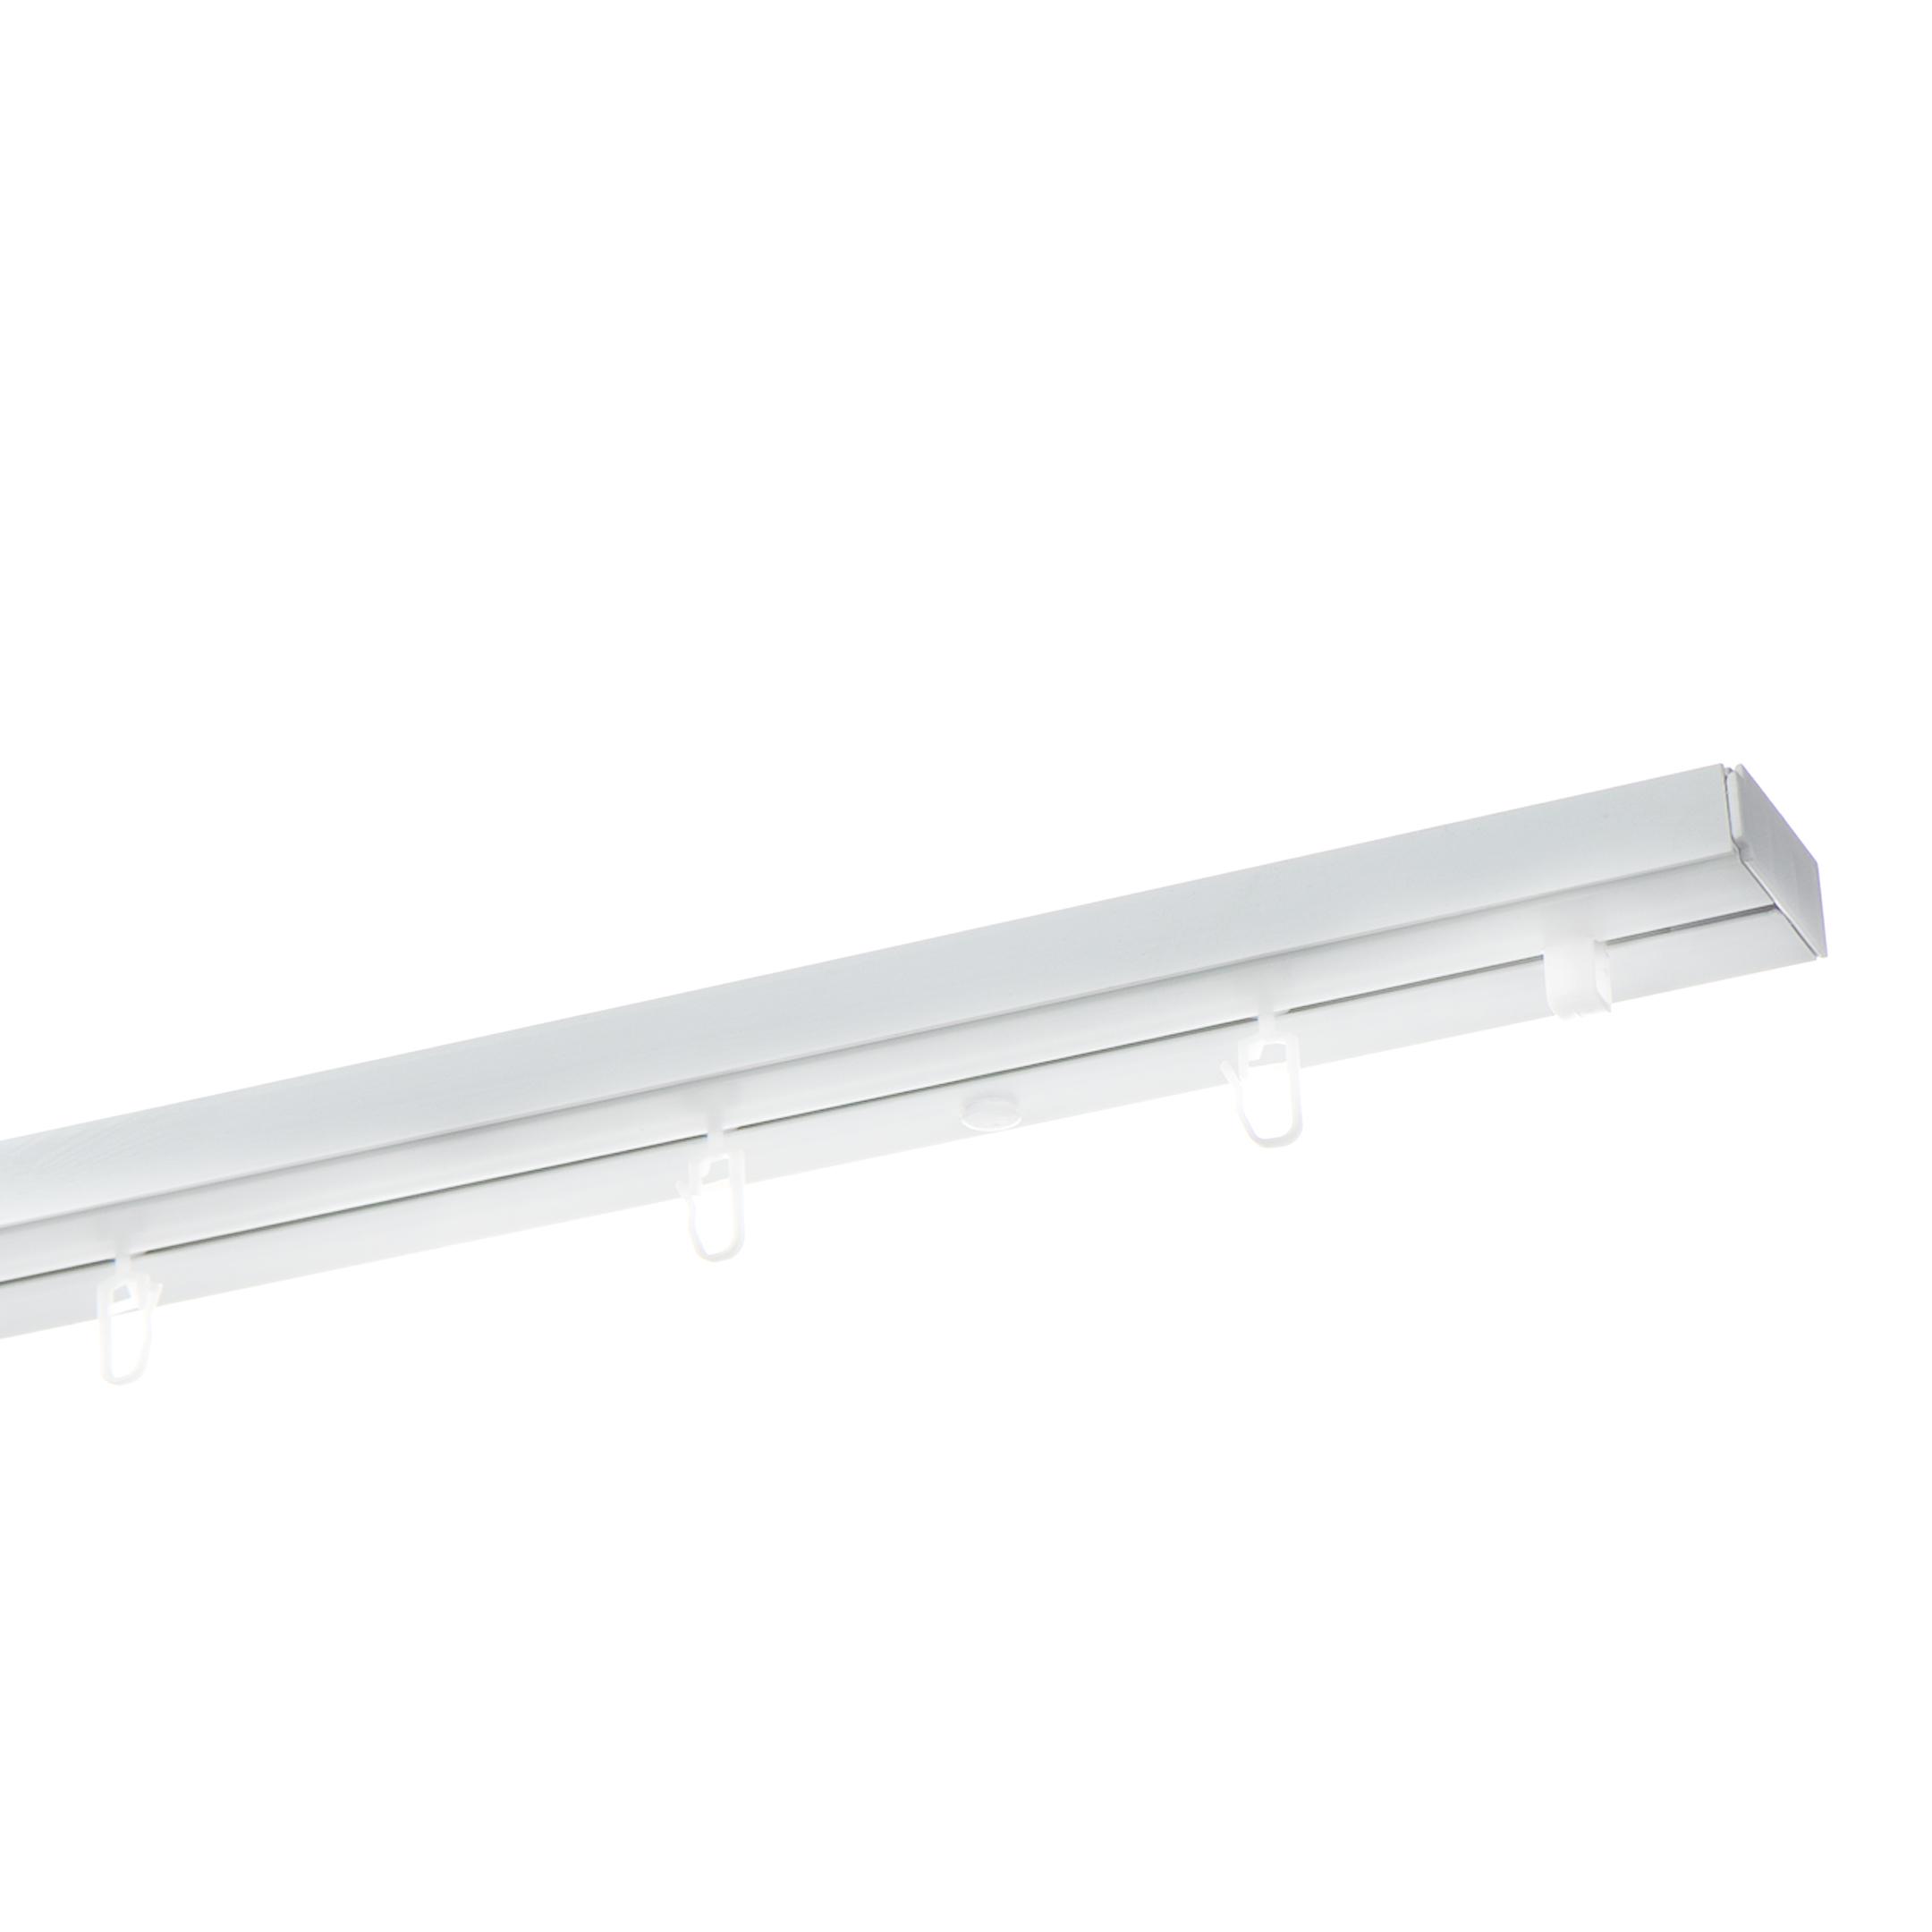 Карниз потолочный пластмассовый однорядный 160 см белый decolux карниз артик ветка однорядный потолочный никель матовый 201 см ø1 6 см 18 колец qxjsdda